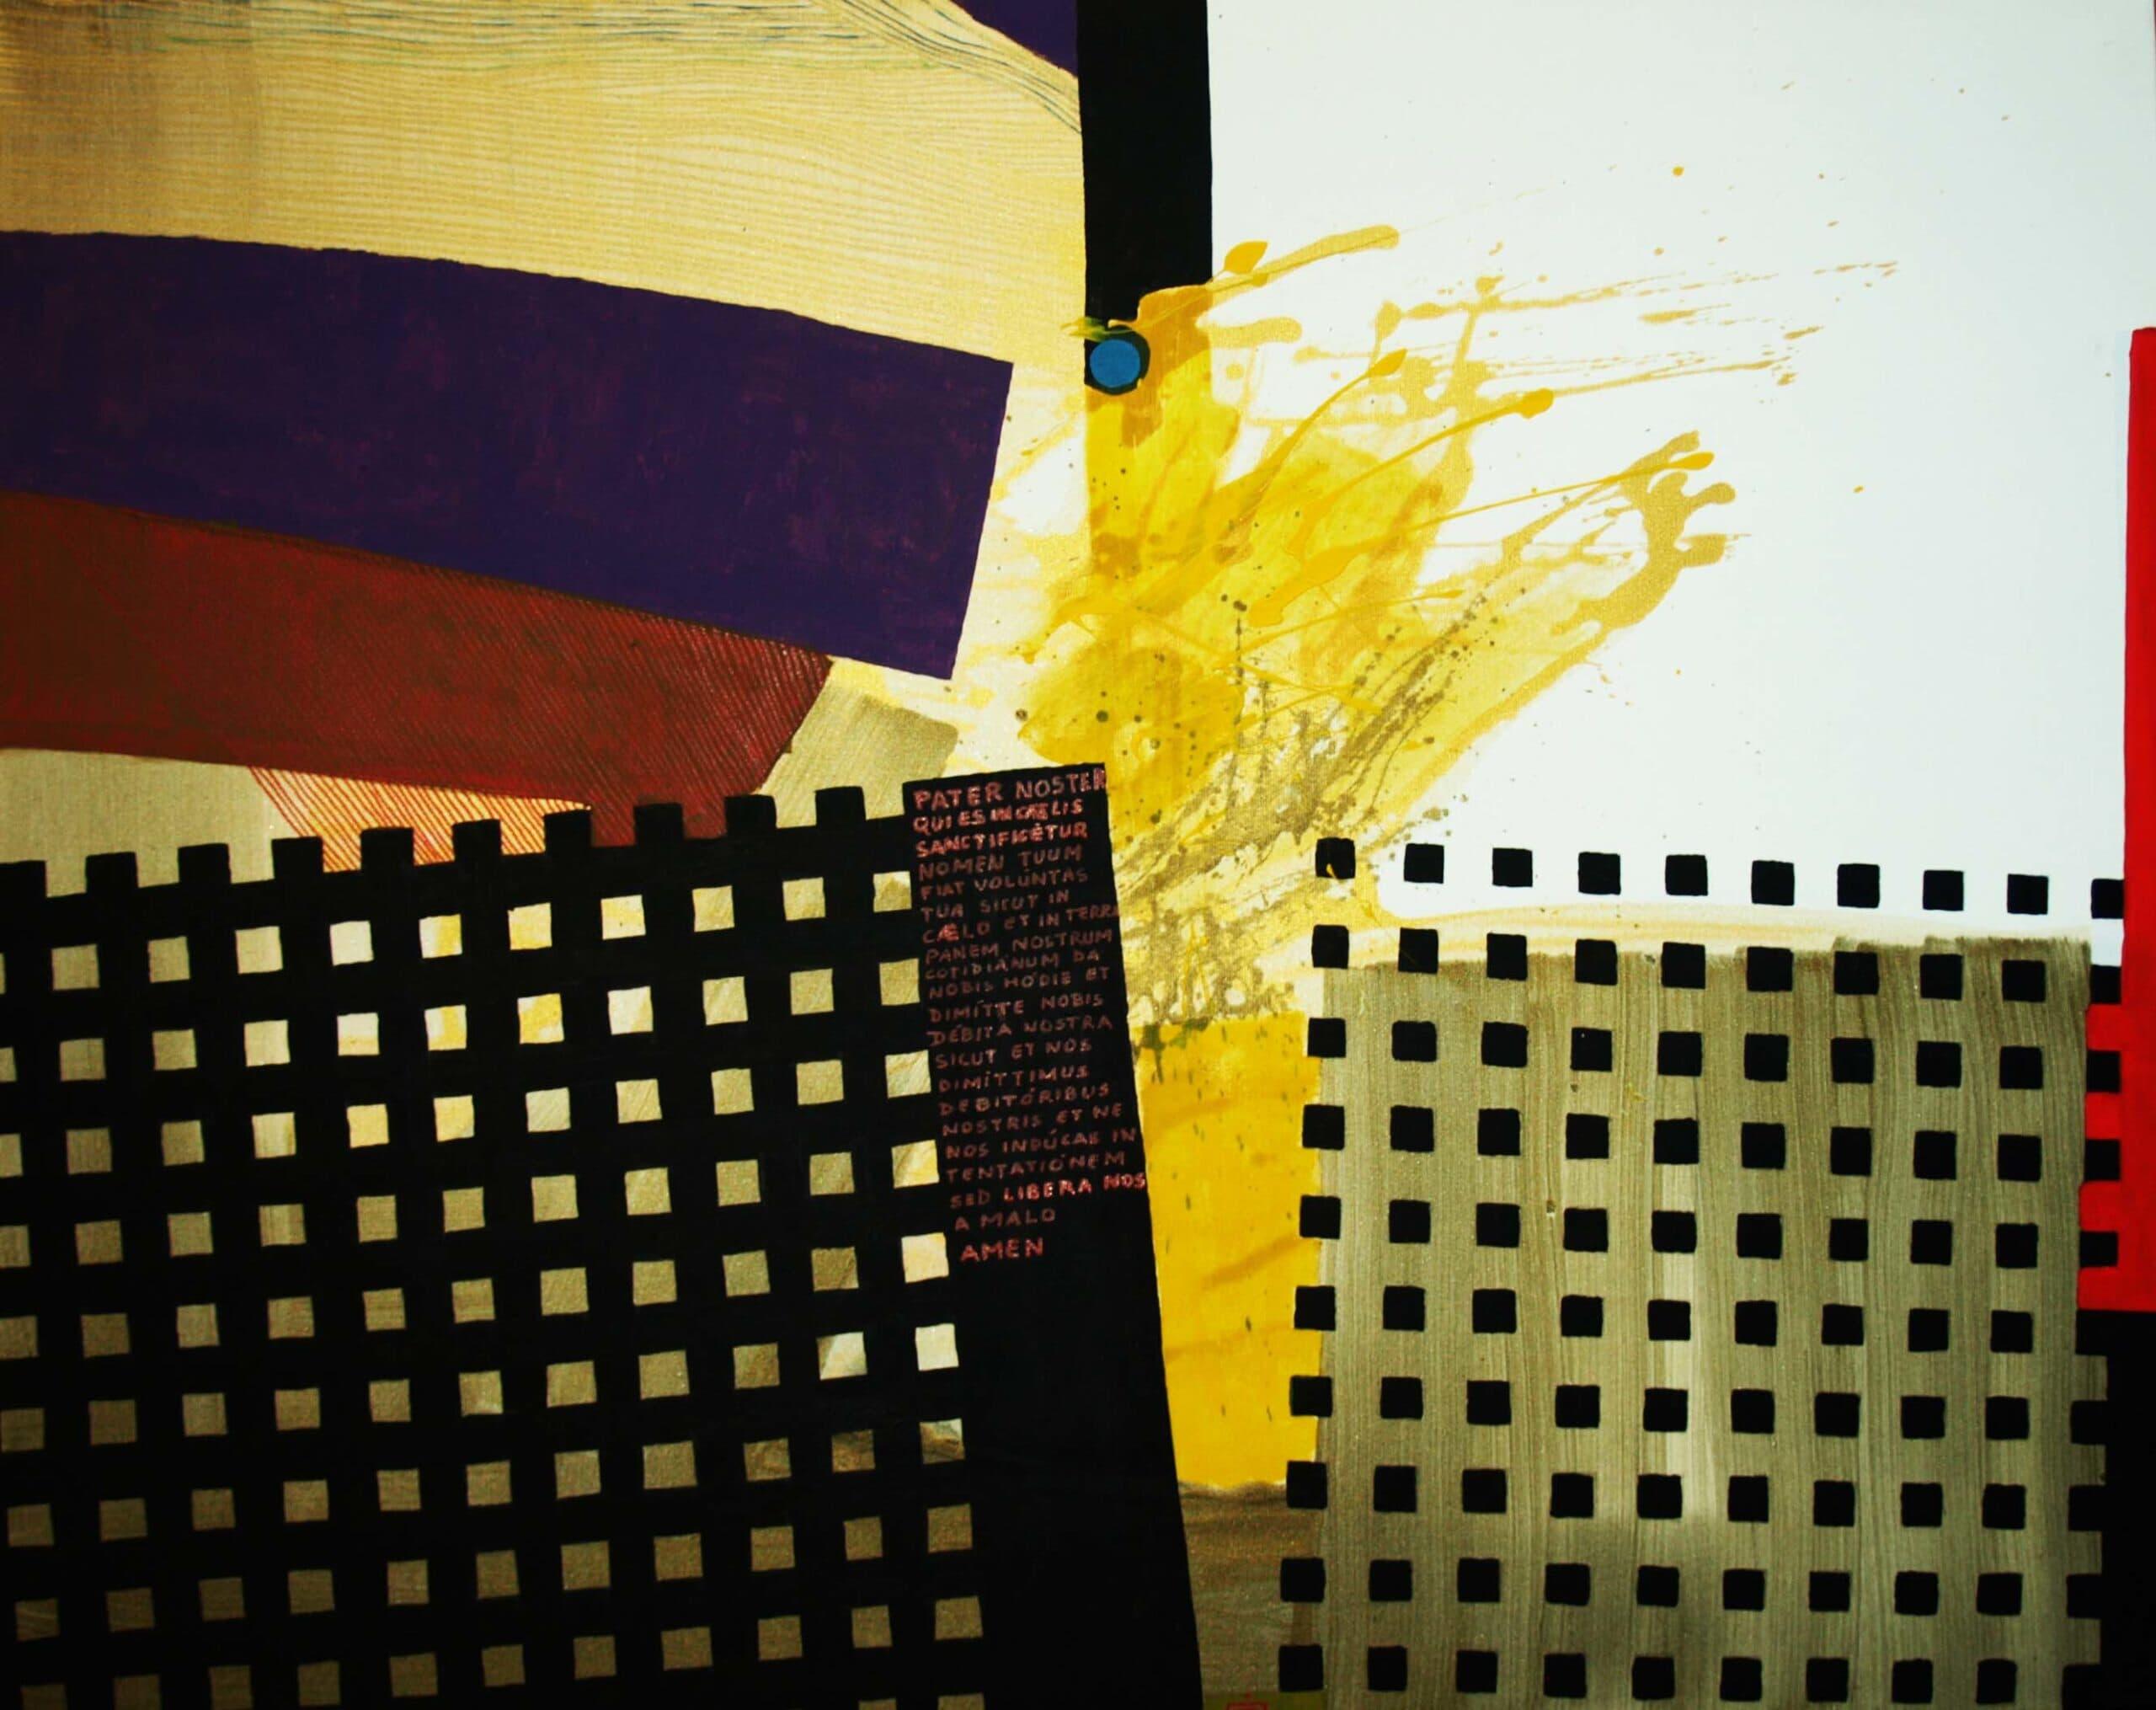 Stare de fapt 1 Alte tehnici, Desen, Galerie, Grafica, Homepage